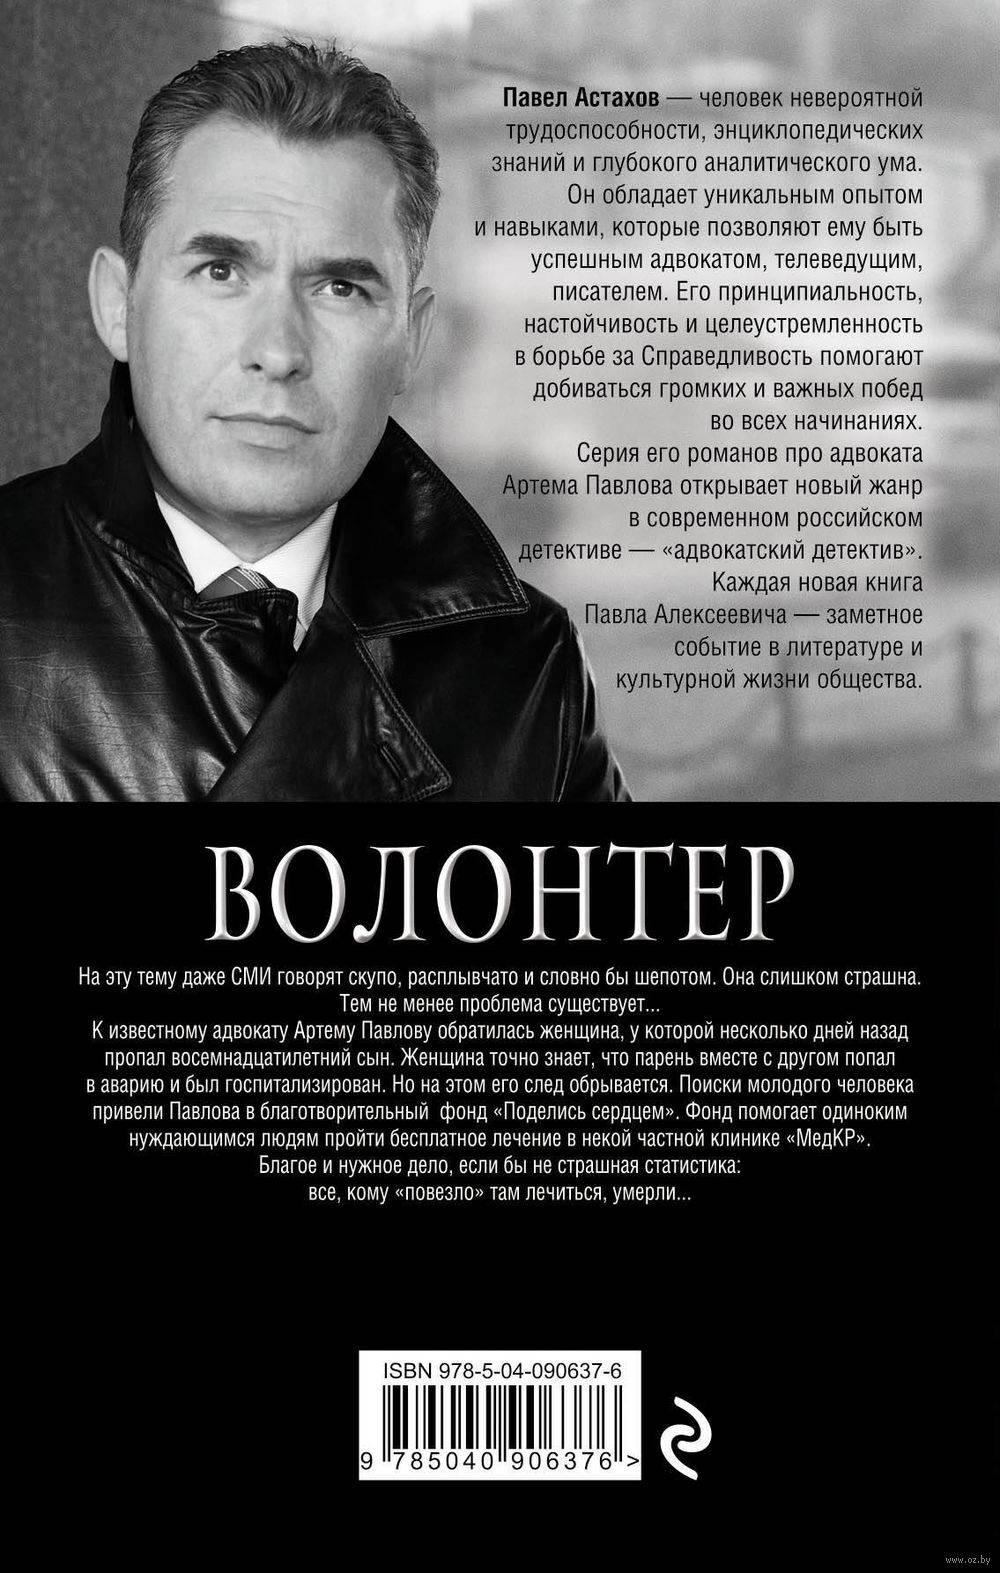 АСТАХОВ ВОЛОНТЕР СКАЧАТЬ БЕСПЛАТНО